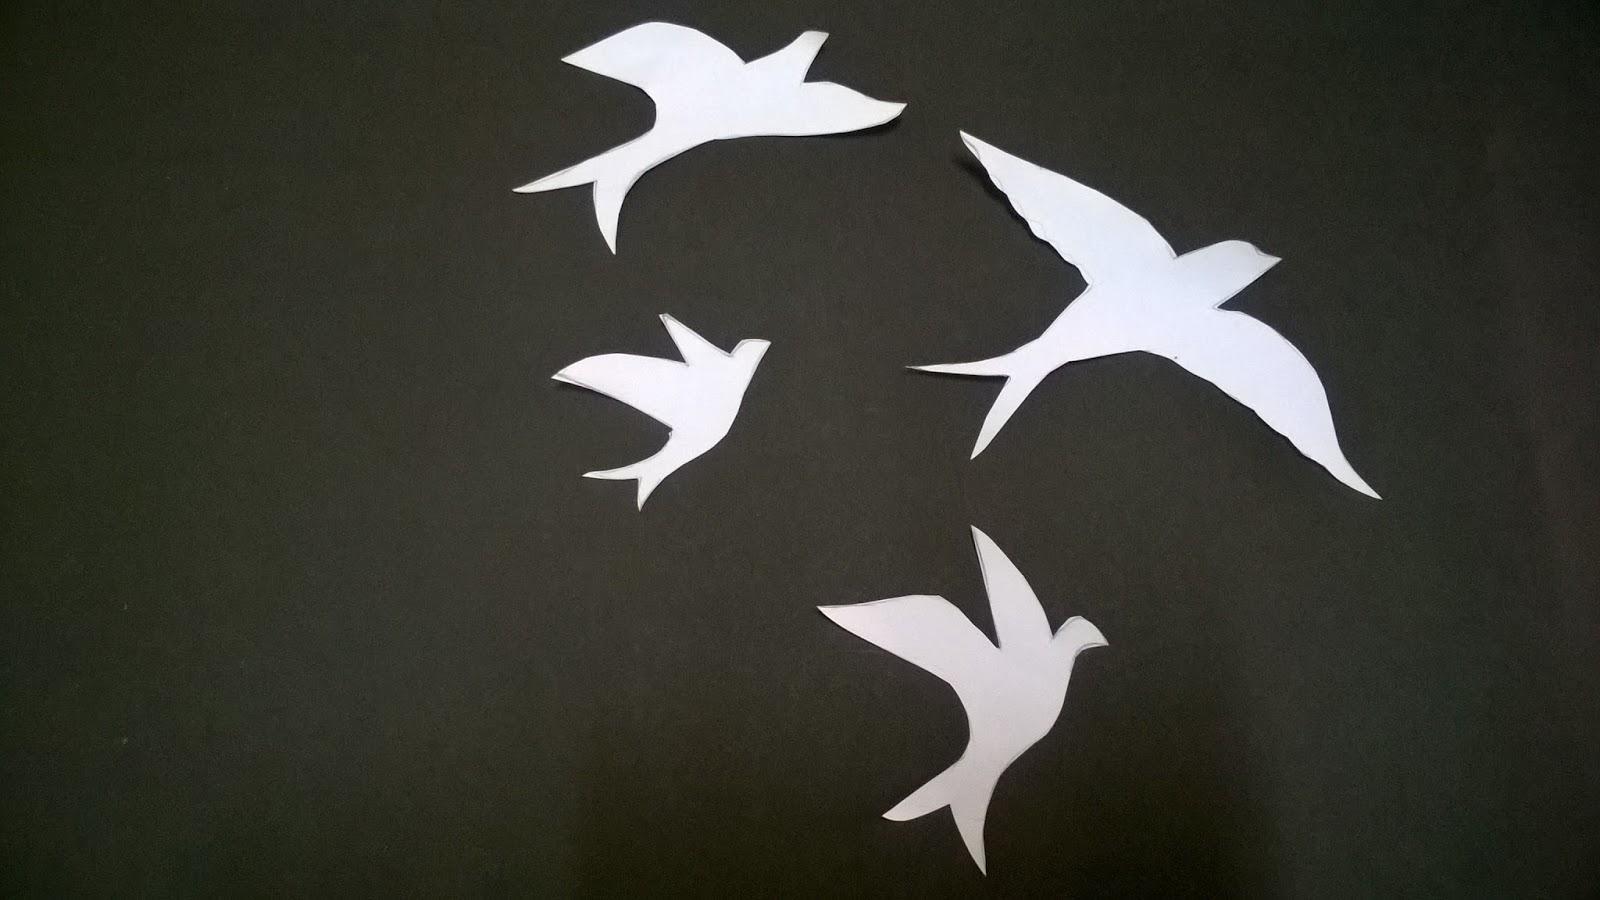 vinte dois outonos diy decoração estilo tumblr pássaros